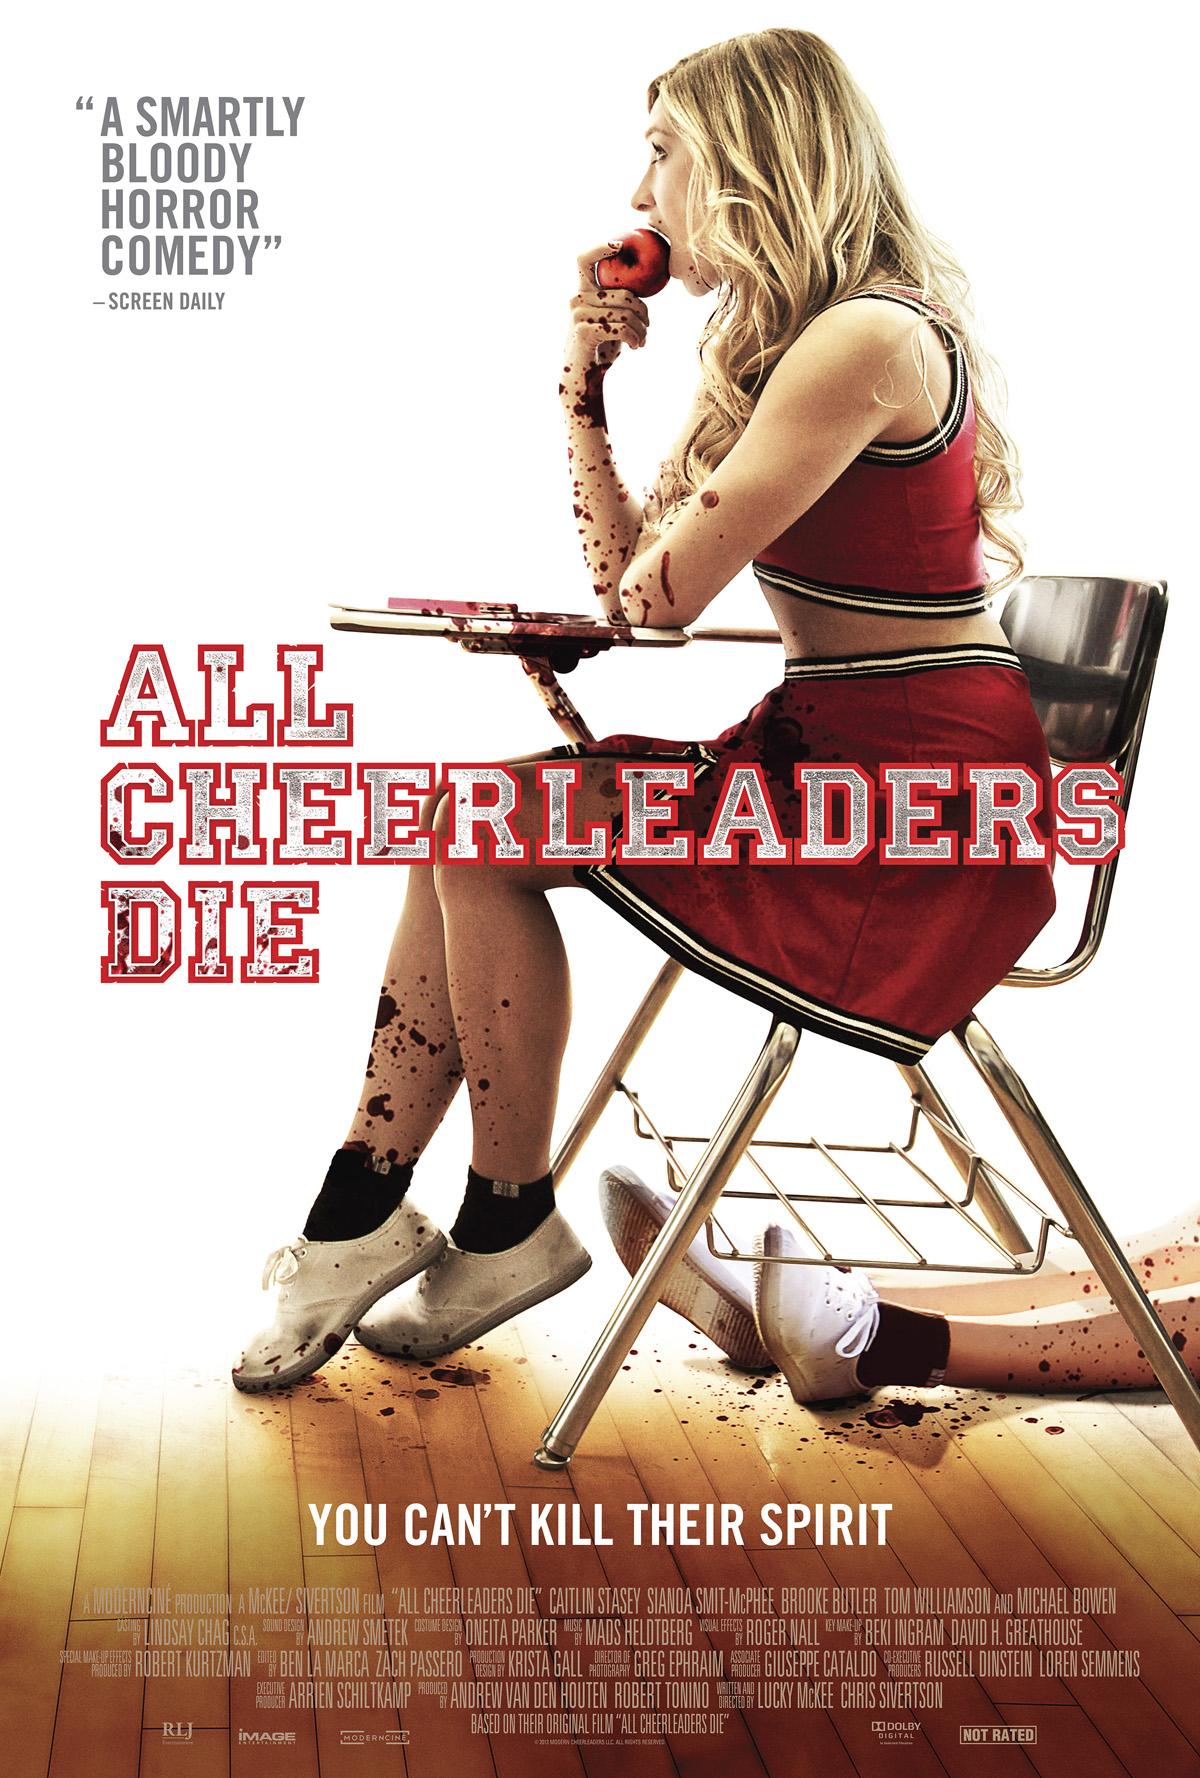 ALL-CHEERLEADERS-DIE-#40BF15E